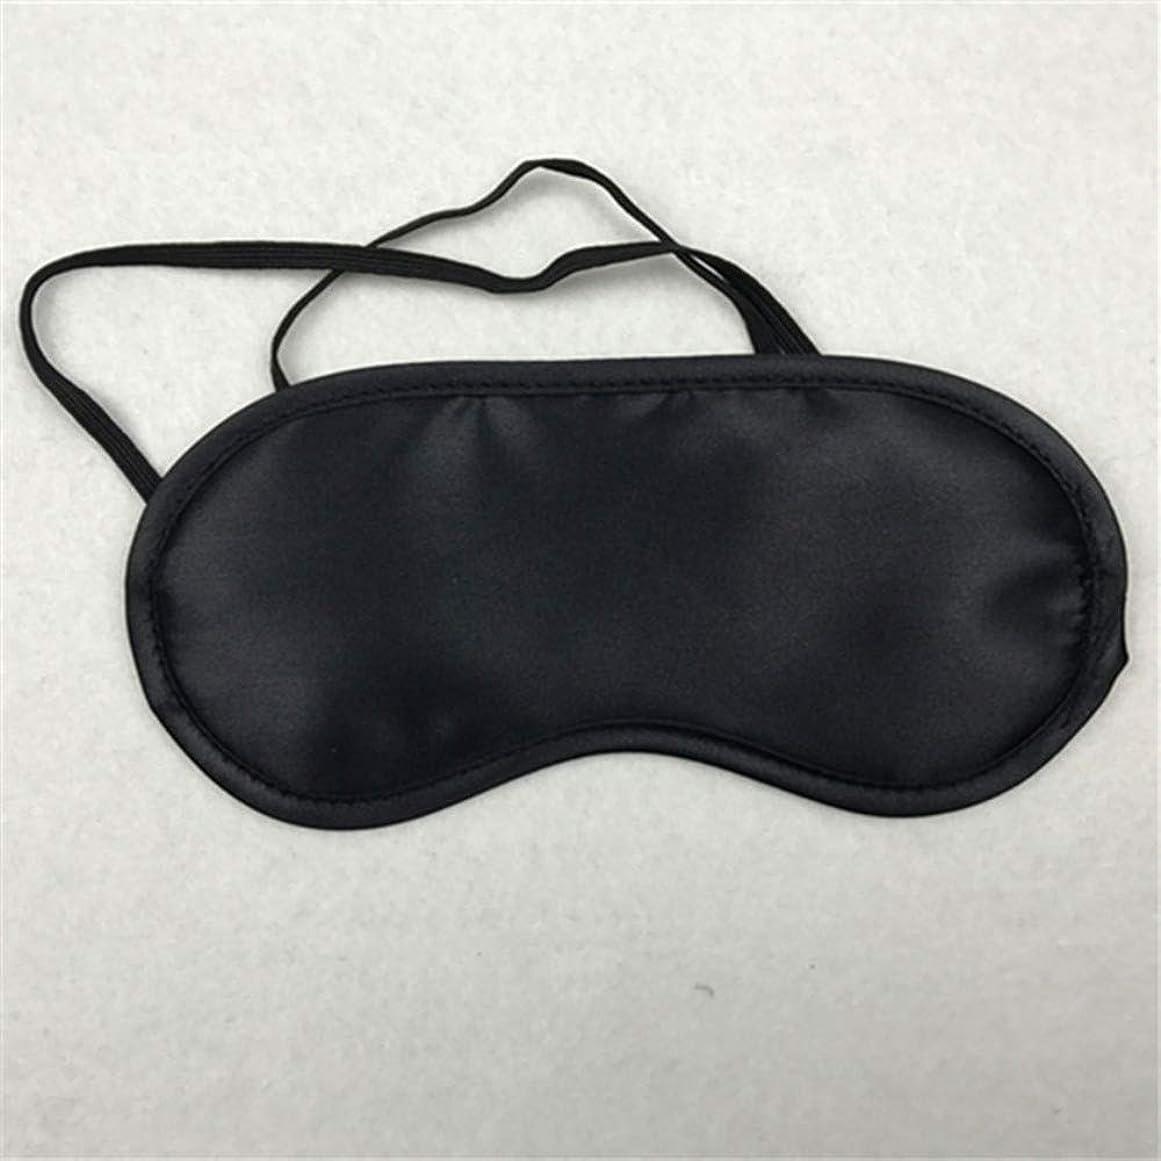 フローラグバンNOTE 10ピースソフトアイスリープマスクパッド入りシェードカバー旅行リラックス睡眠目隠し